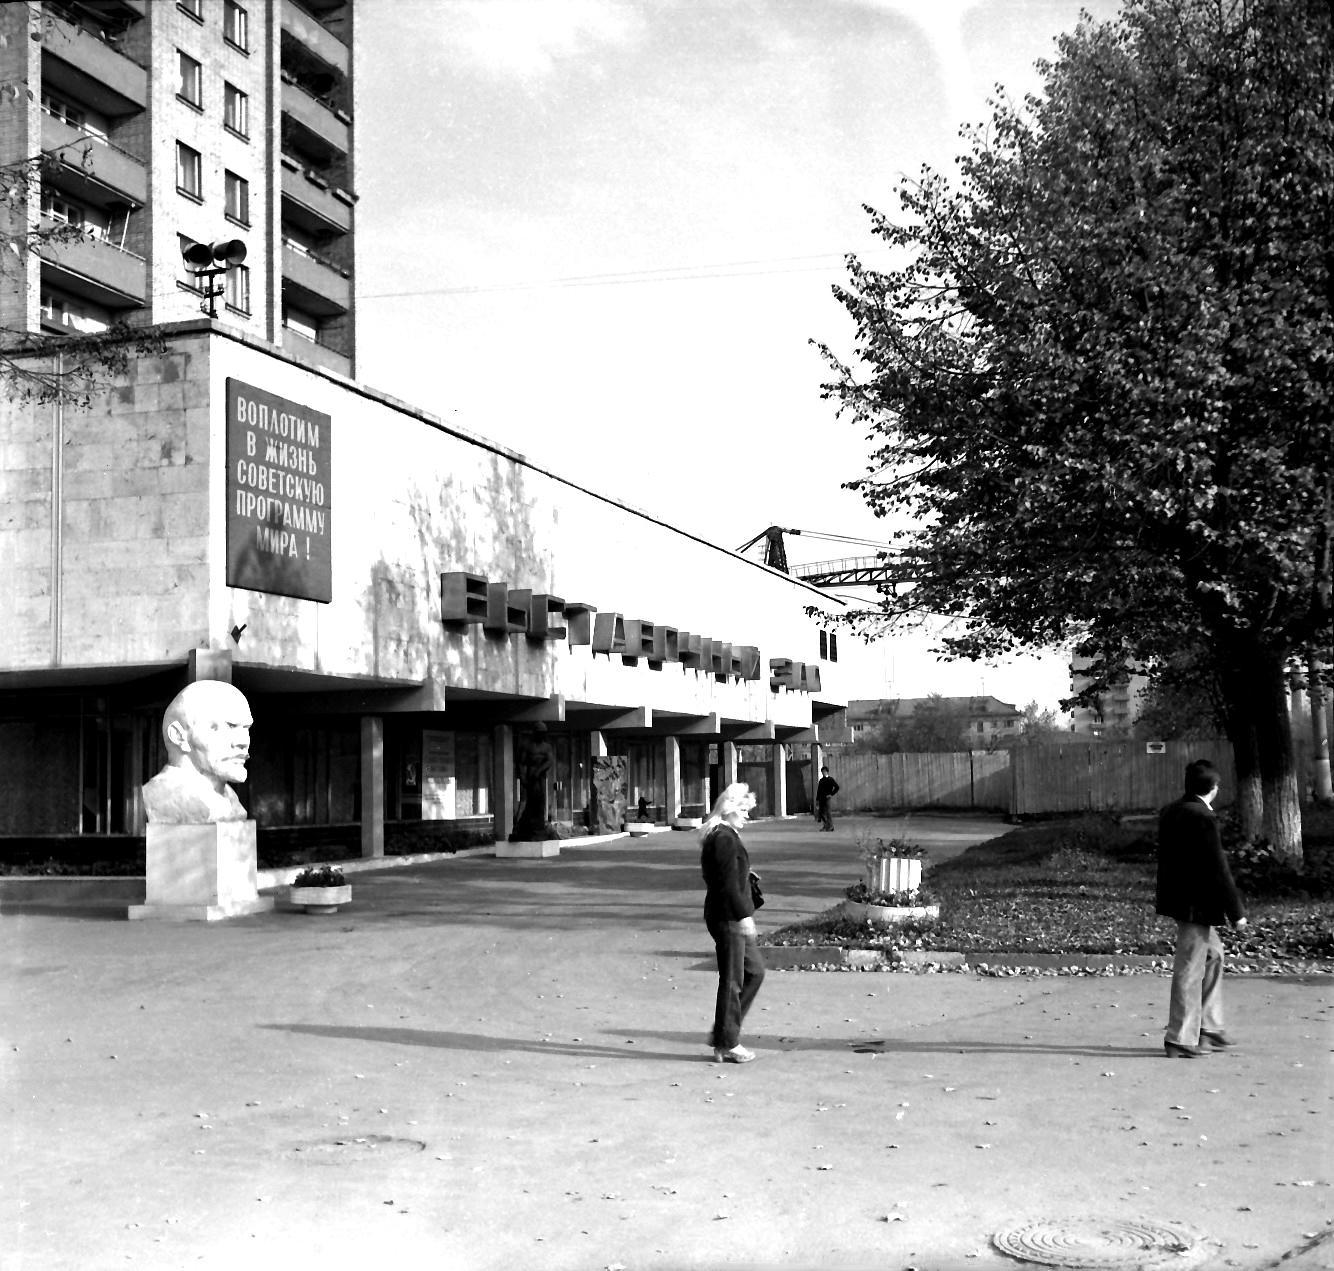 Подольск, выставочный зал. 1984 год.